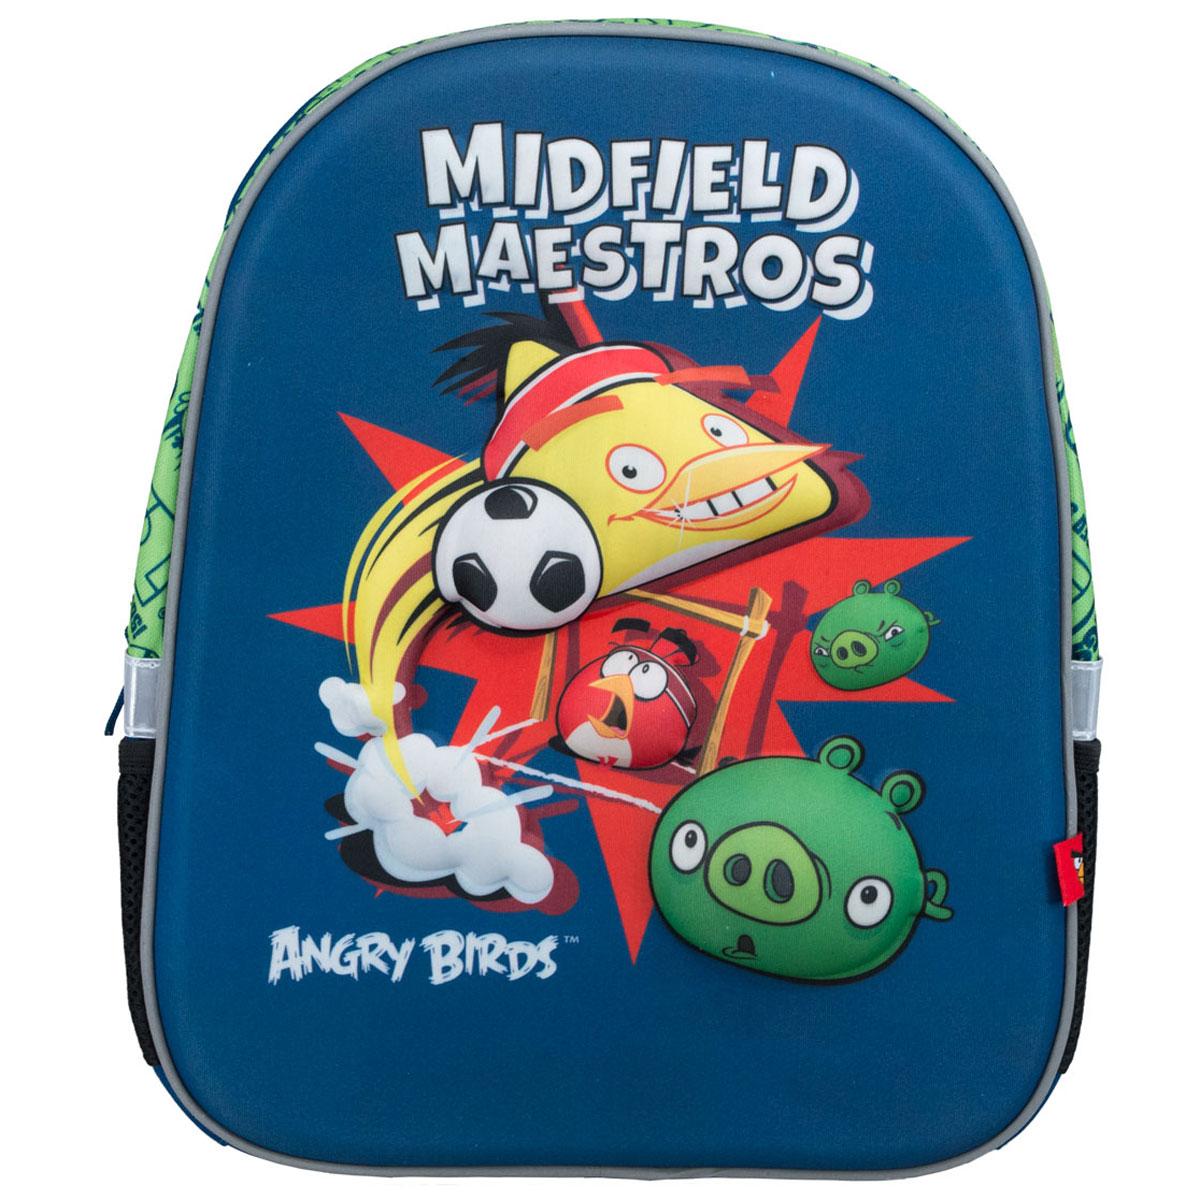 Рюкзак Angry Birds, цвет: синий, салатовый, черныйABCB-UT1-E140Яркий рюкзак Angry Birds обязательно понравится вашему ребенку. Выполнен из прочного материала и оформлен изображениями героев из популярной компьютерной игры Злые птицы (Angry Birds). Содержит рюкзак одно вместительное отделение, закрывающееся на застежку-молнию. Внутри отделения находятся две мягкие перегородки для тетрадей или учебников. Лицевая стенка достаточно твердая, что позволяет не деформироваться рюкзаку. Рюкзак имеет два боковых кармана-сетка, стянутых сверху резинкой. Оснащен плечевыми ремнями и мягкой текстильной ручкой для переноски в руке. Широкие мягкие лямки регулируются по длине и равномерно распределяют нагрузку на плечевой пояс.